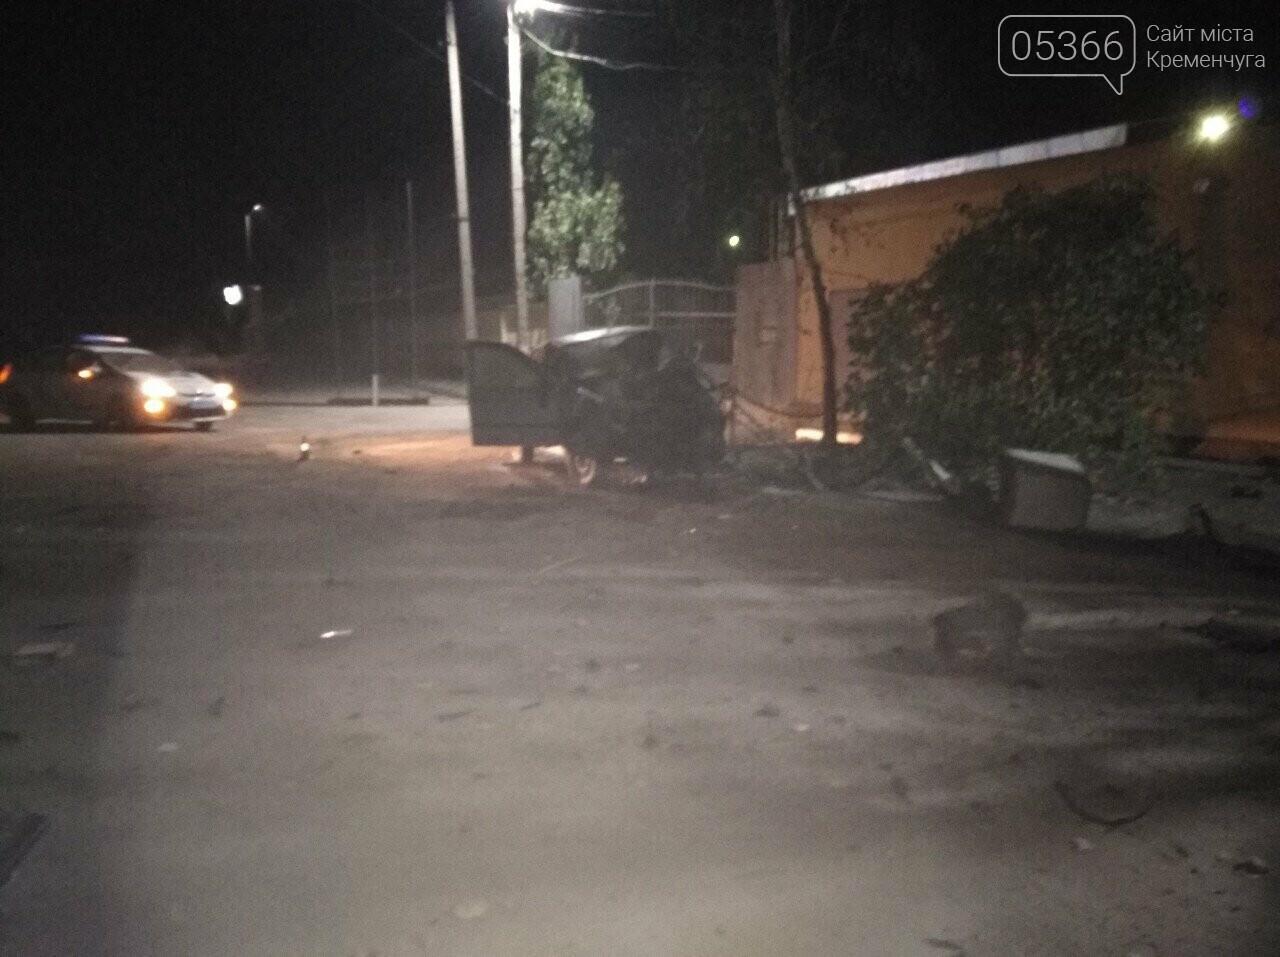 Втікав від патрульних й розбився: у Кременчуці сталася смертельна ДТП. Фото, фото-1